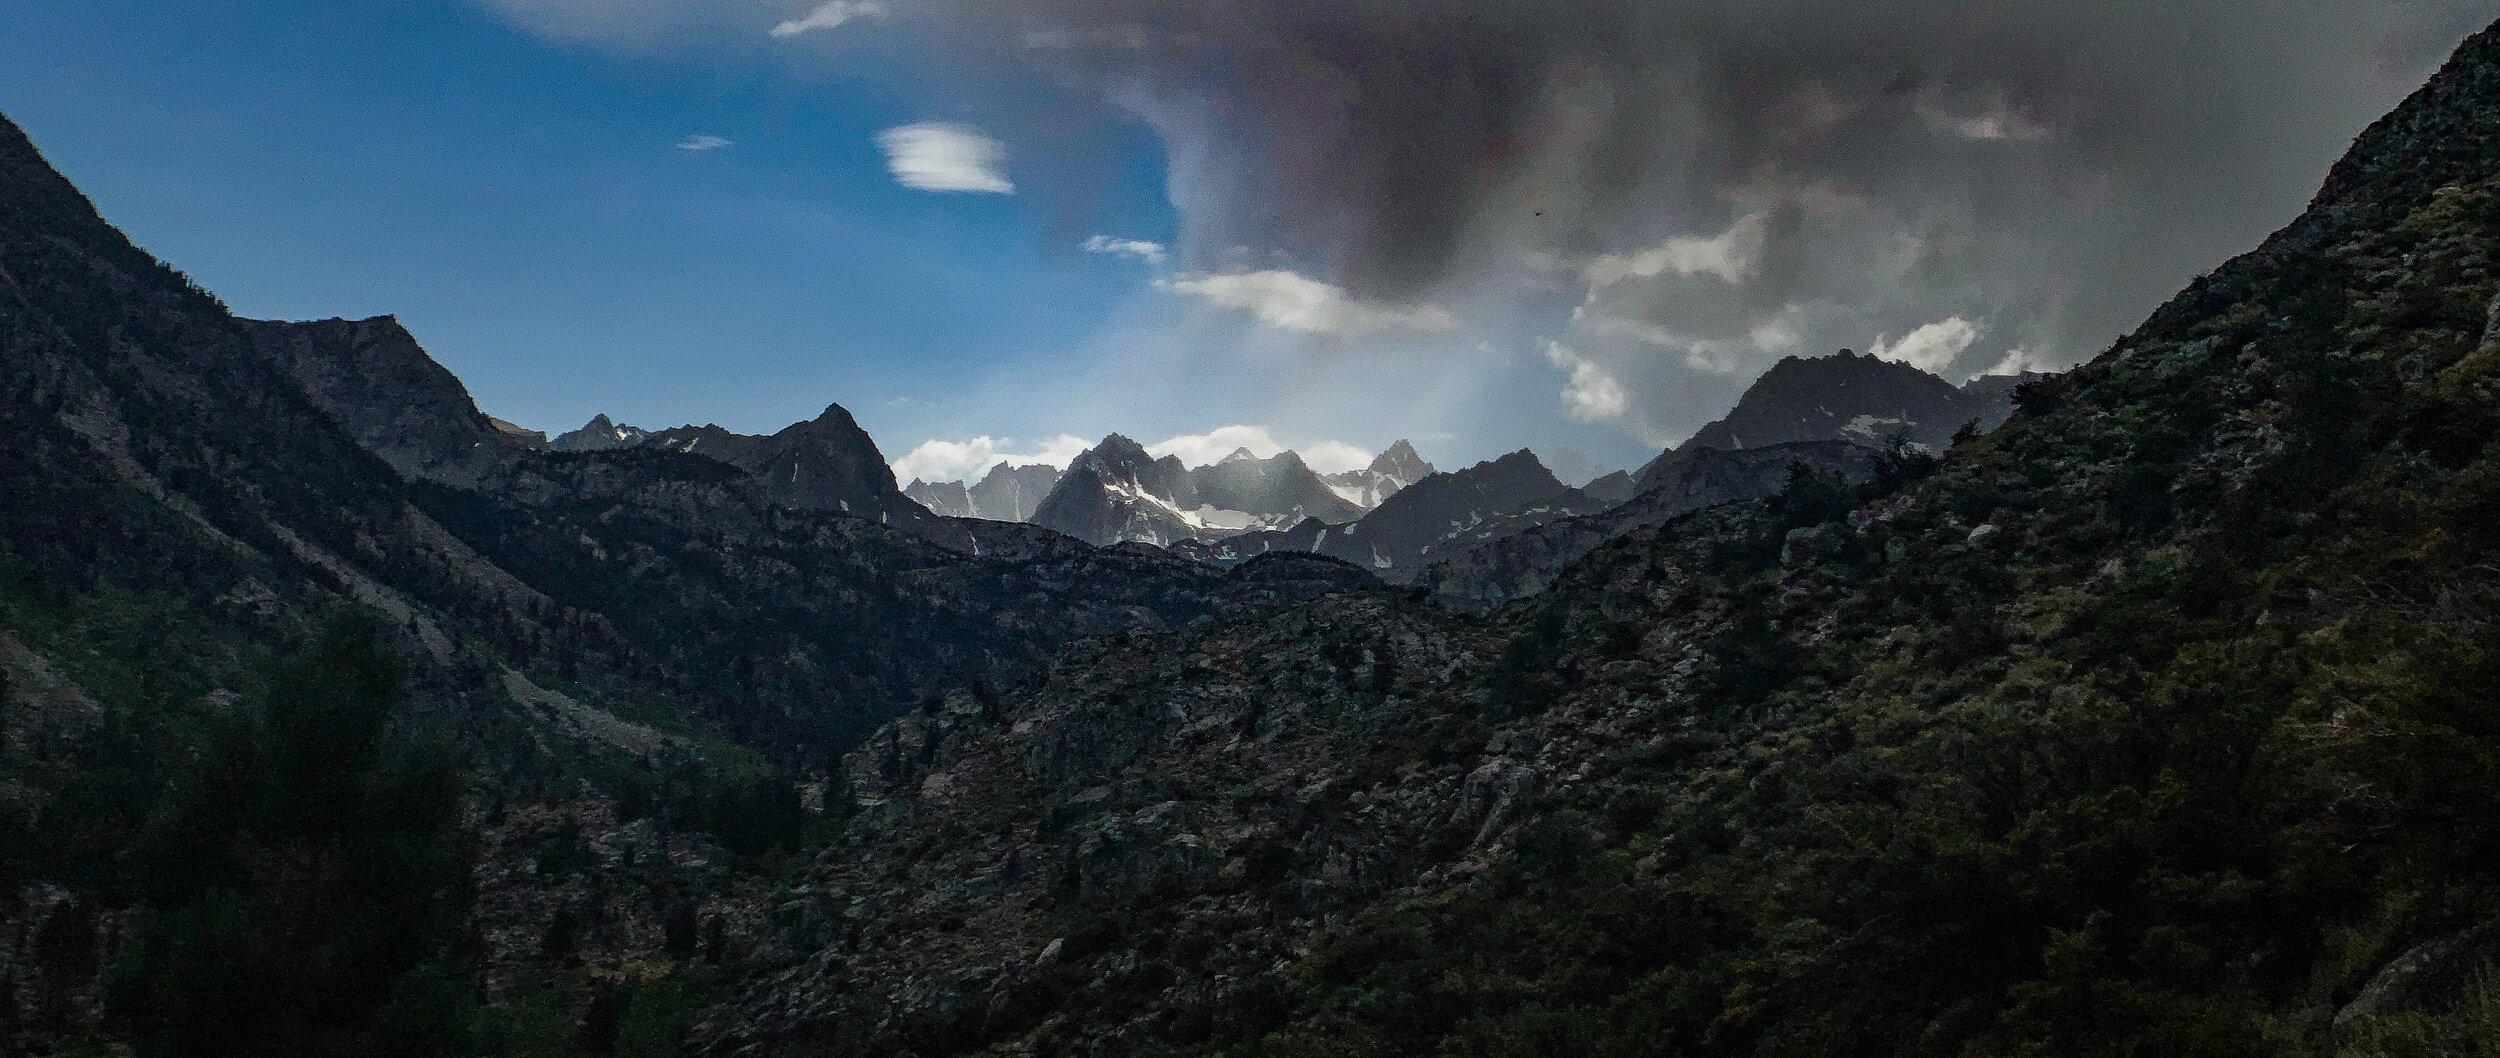 Sierras w Rumsey 2019-13.jpg